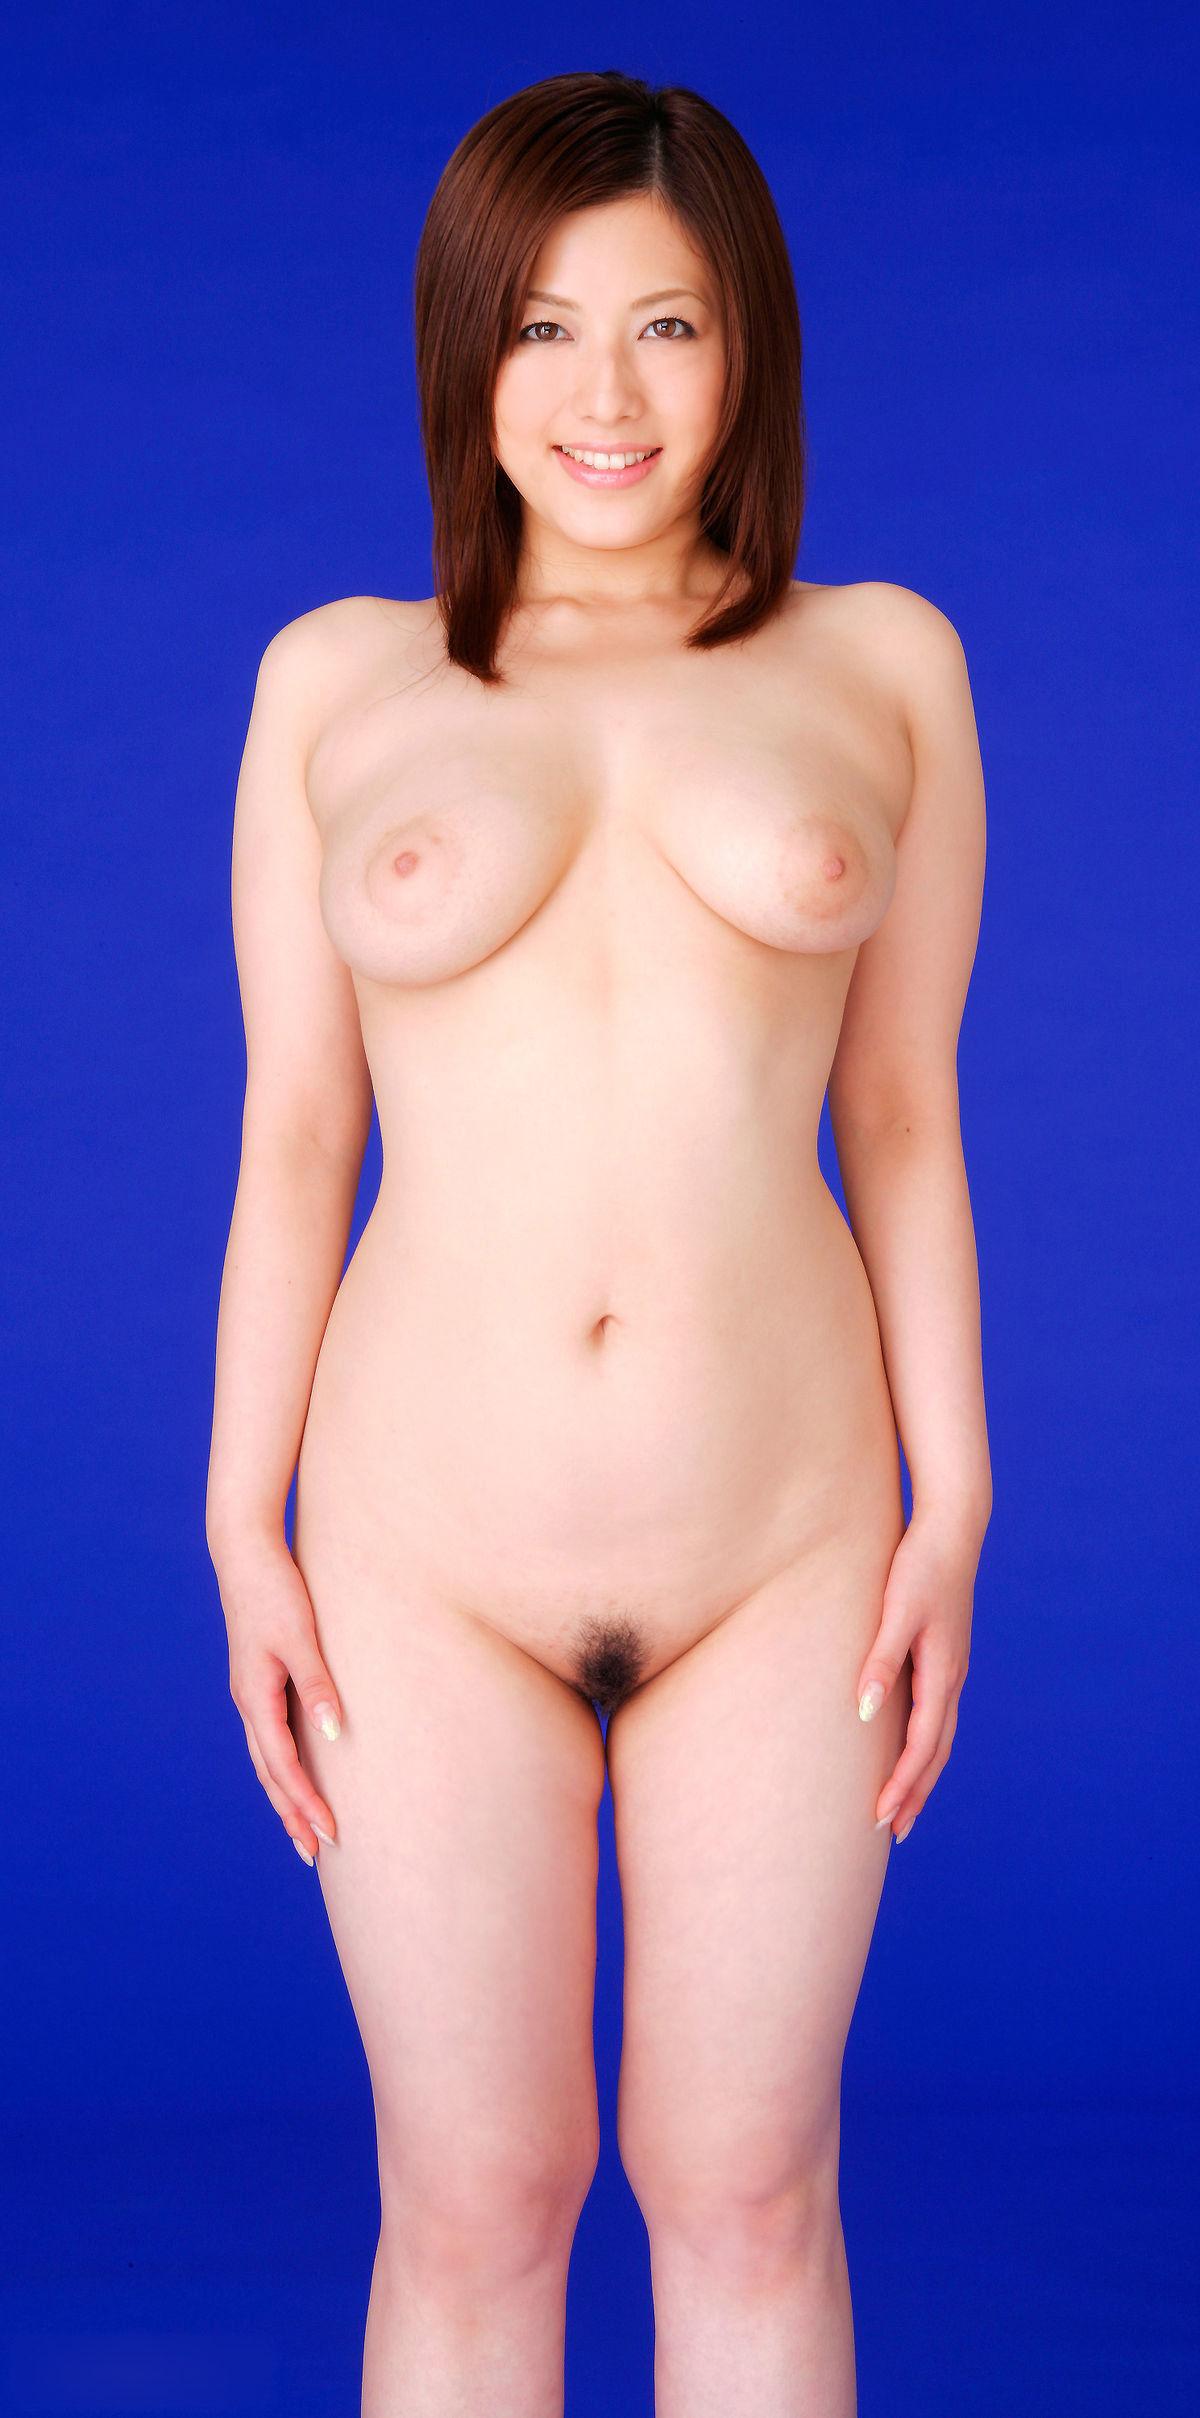 ... 花井メイサさん(26歳の写真